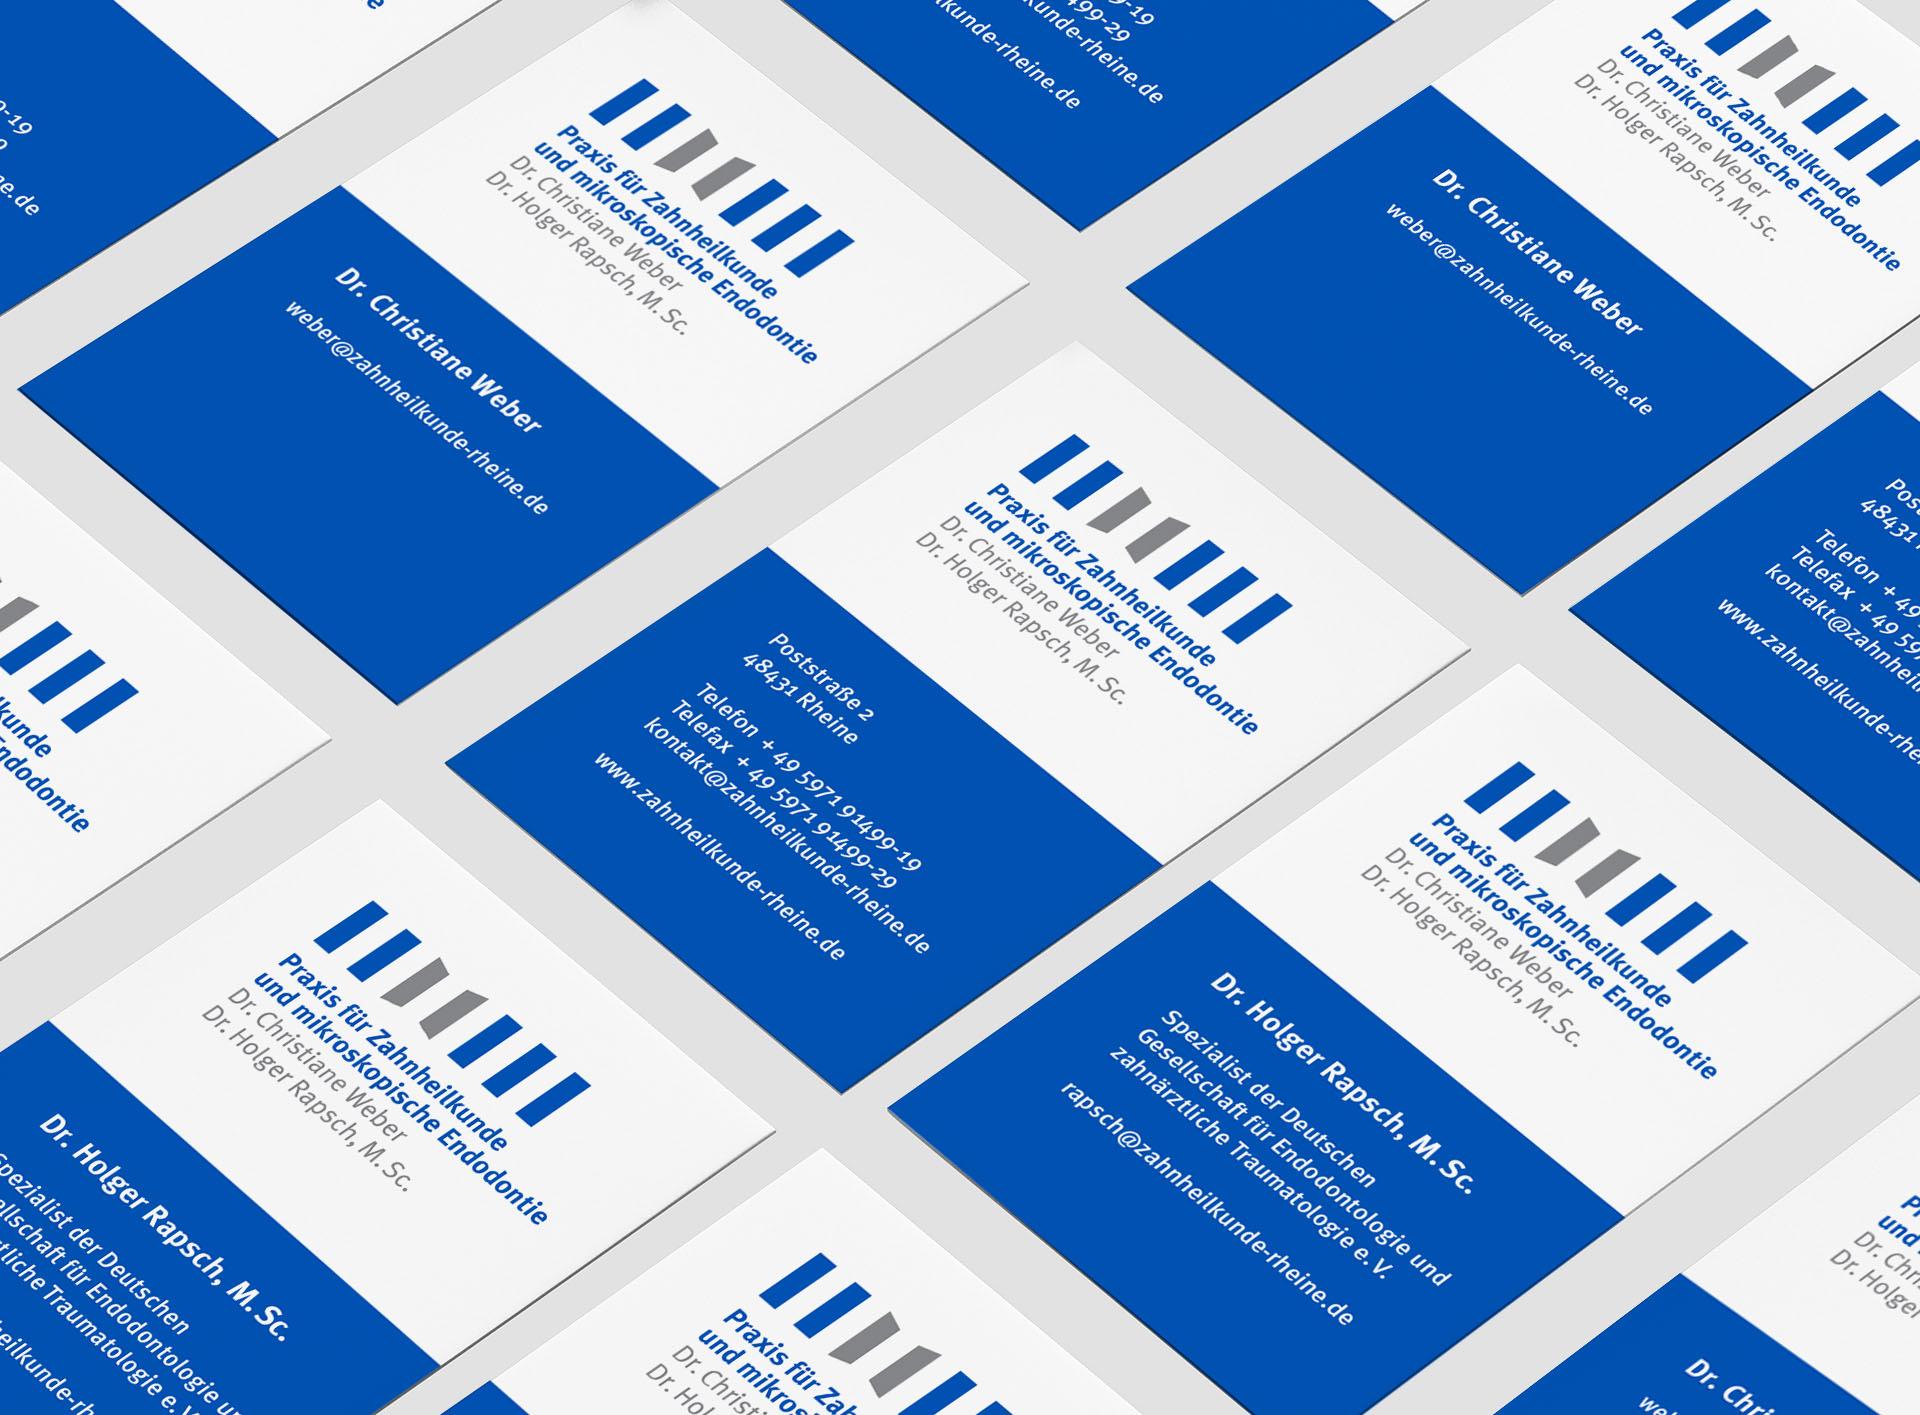 praxis weber rapsch 03 - Mehr Zähne zeigen – ohne Zähne zu zeigen – Corporate Design, Logoentwicklung, Grafikdesign, Webdesign, Kommunikationsdesign, Branding, Markenentwicklung